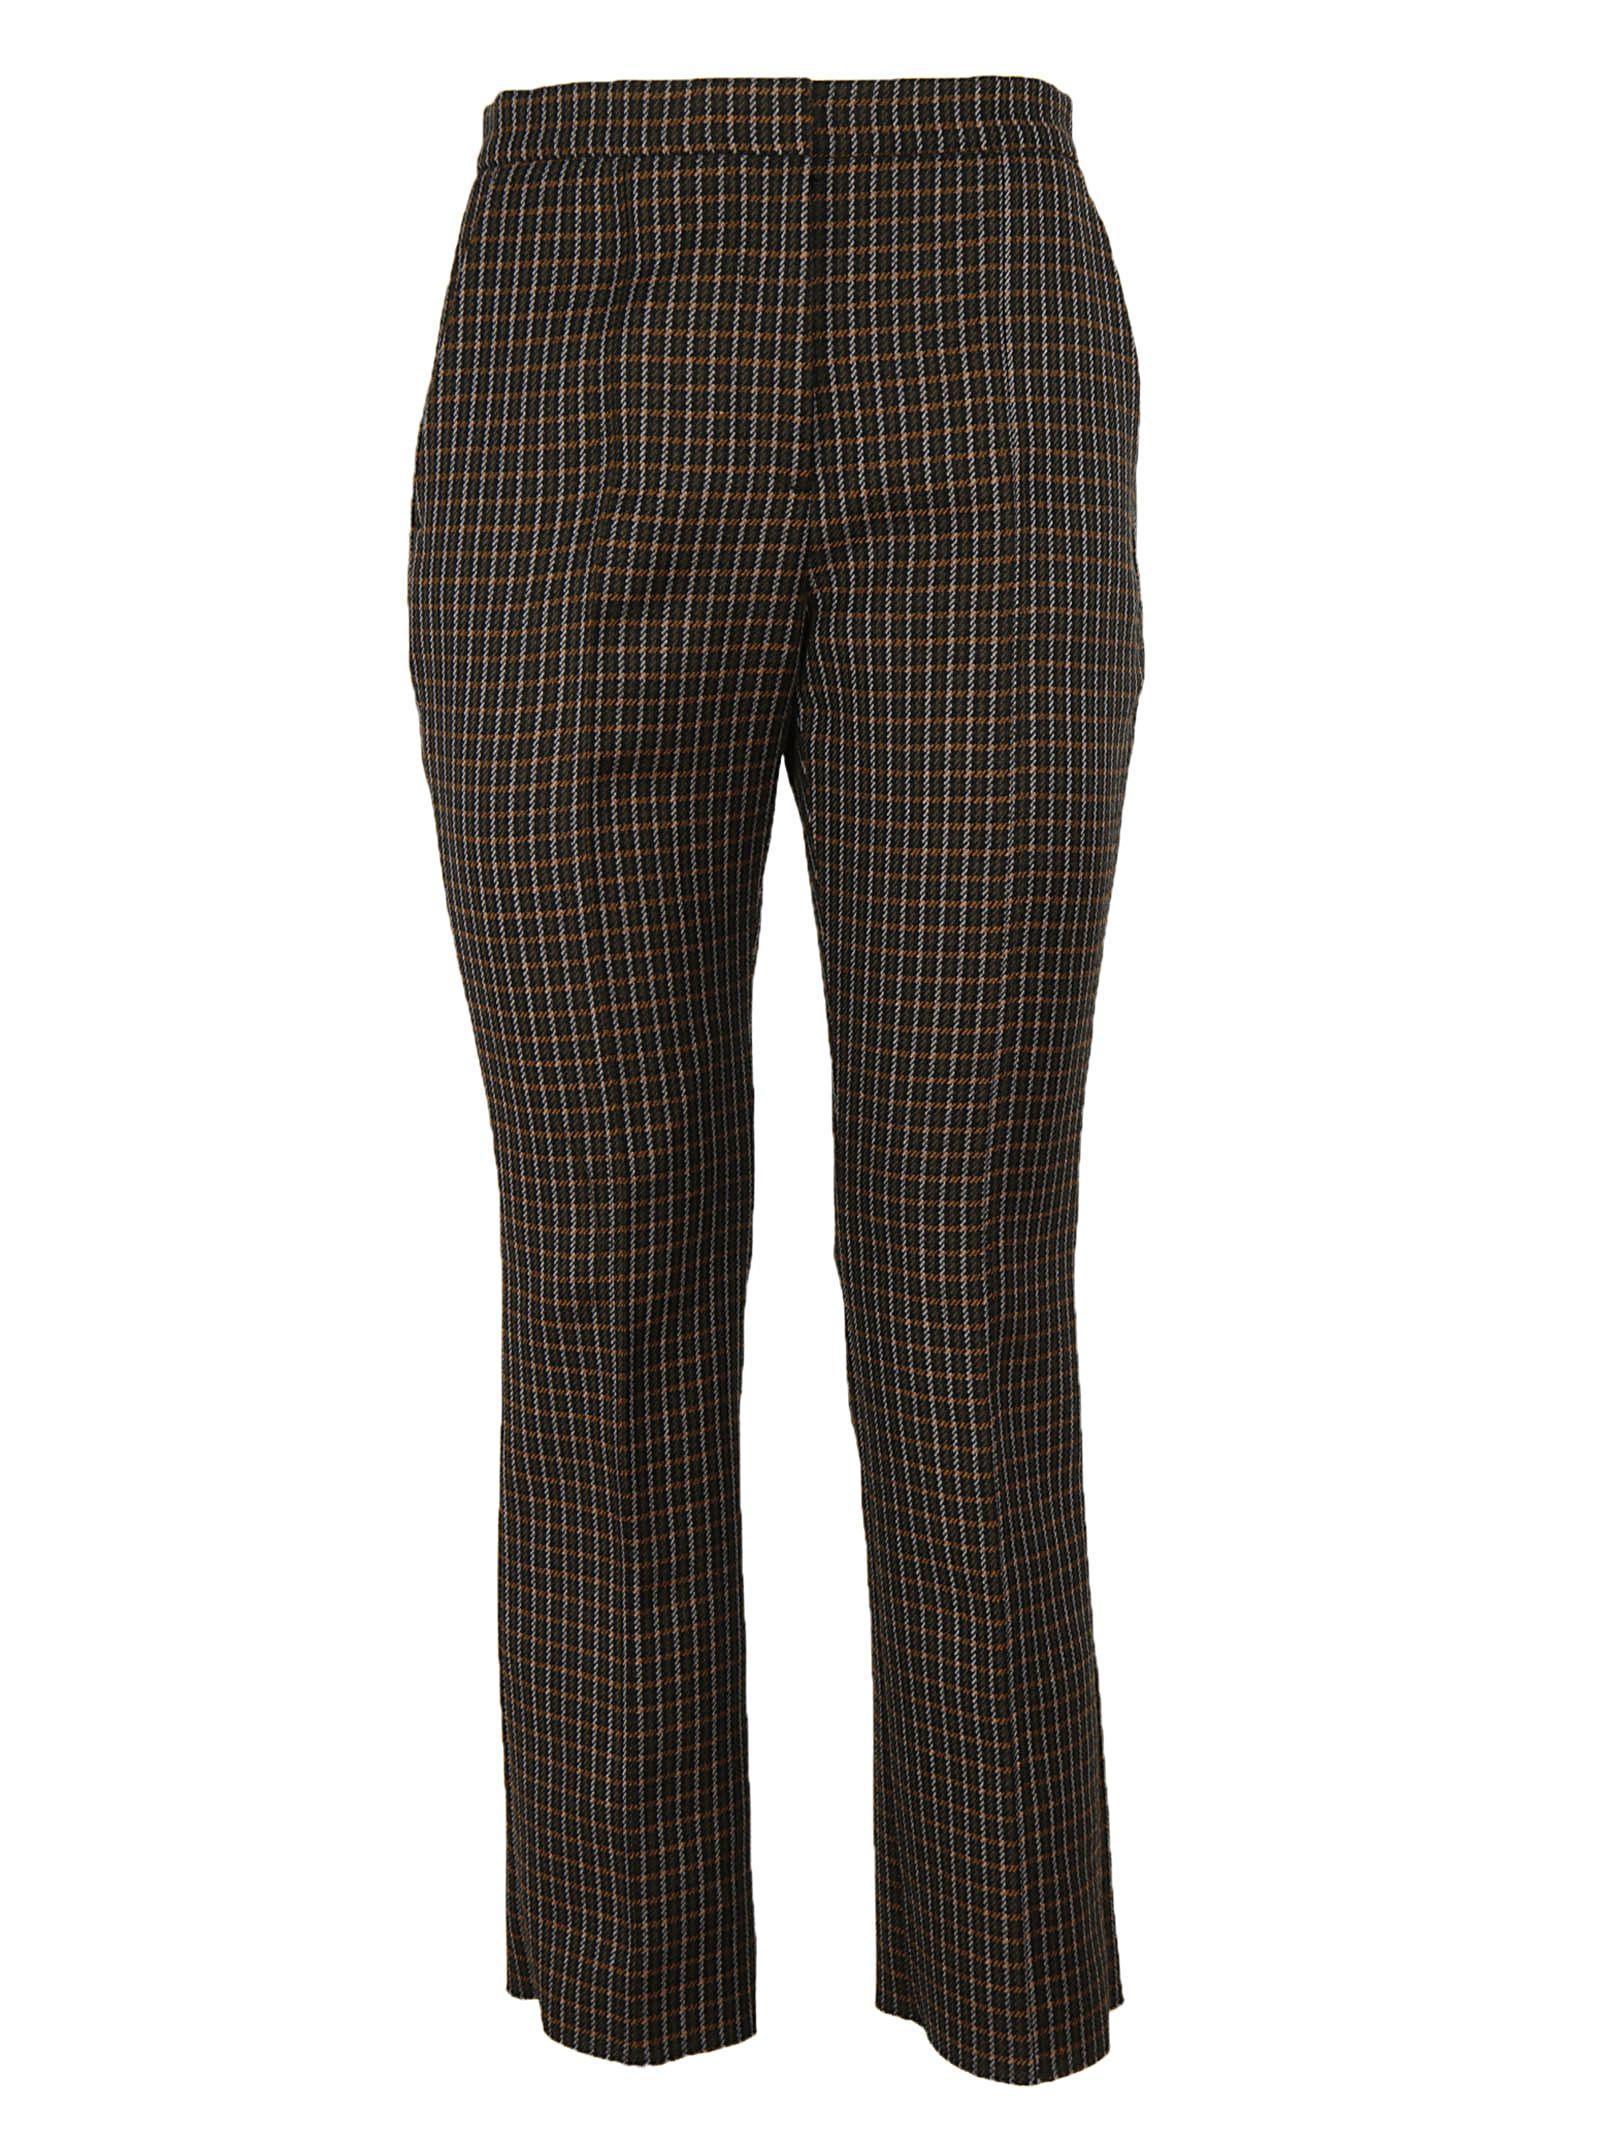 Msgm Tartan Trousers In Brown